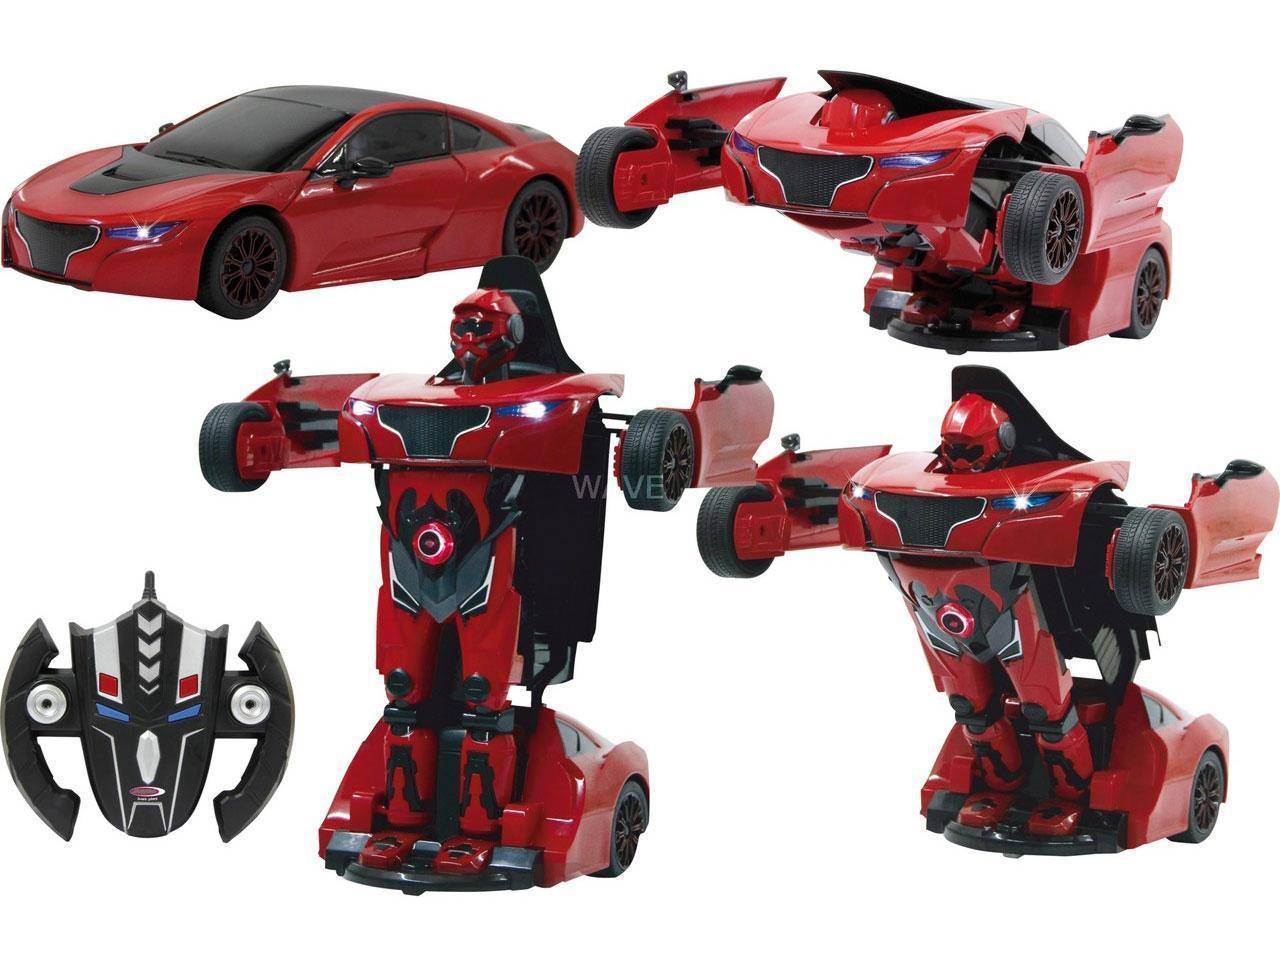 RC avto Robicar Transformer 2.4GHz rdeč